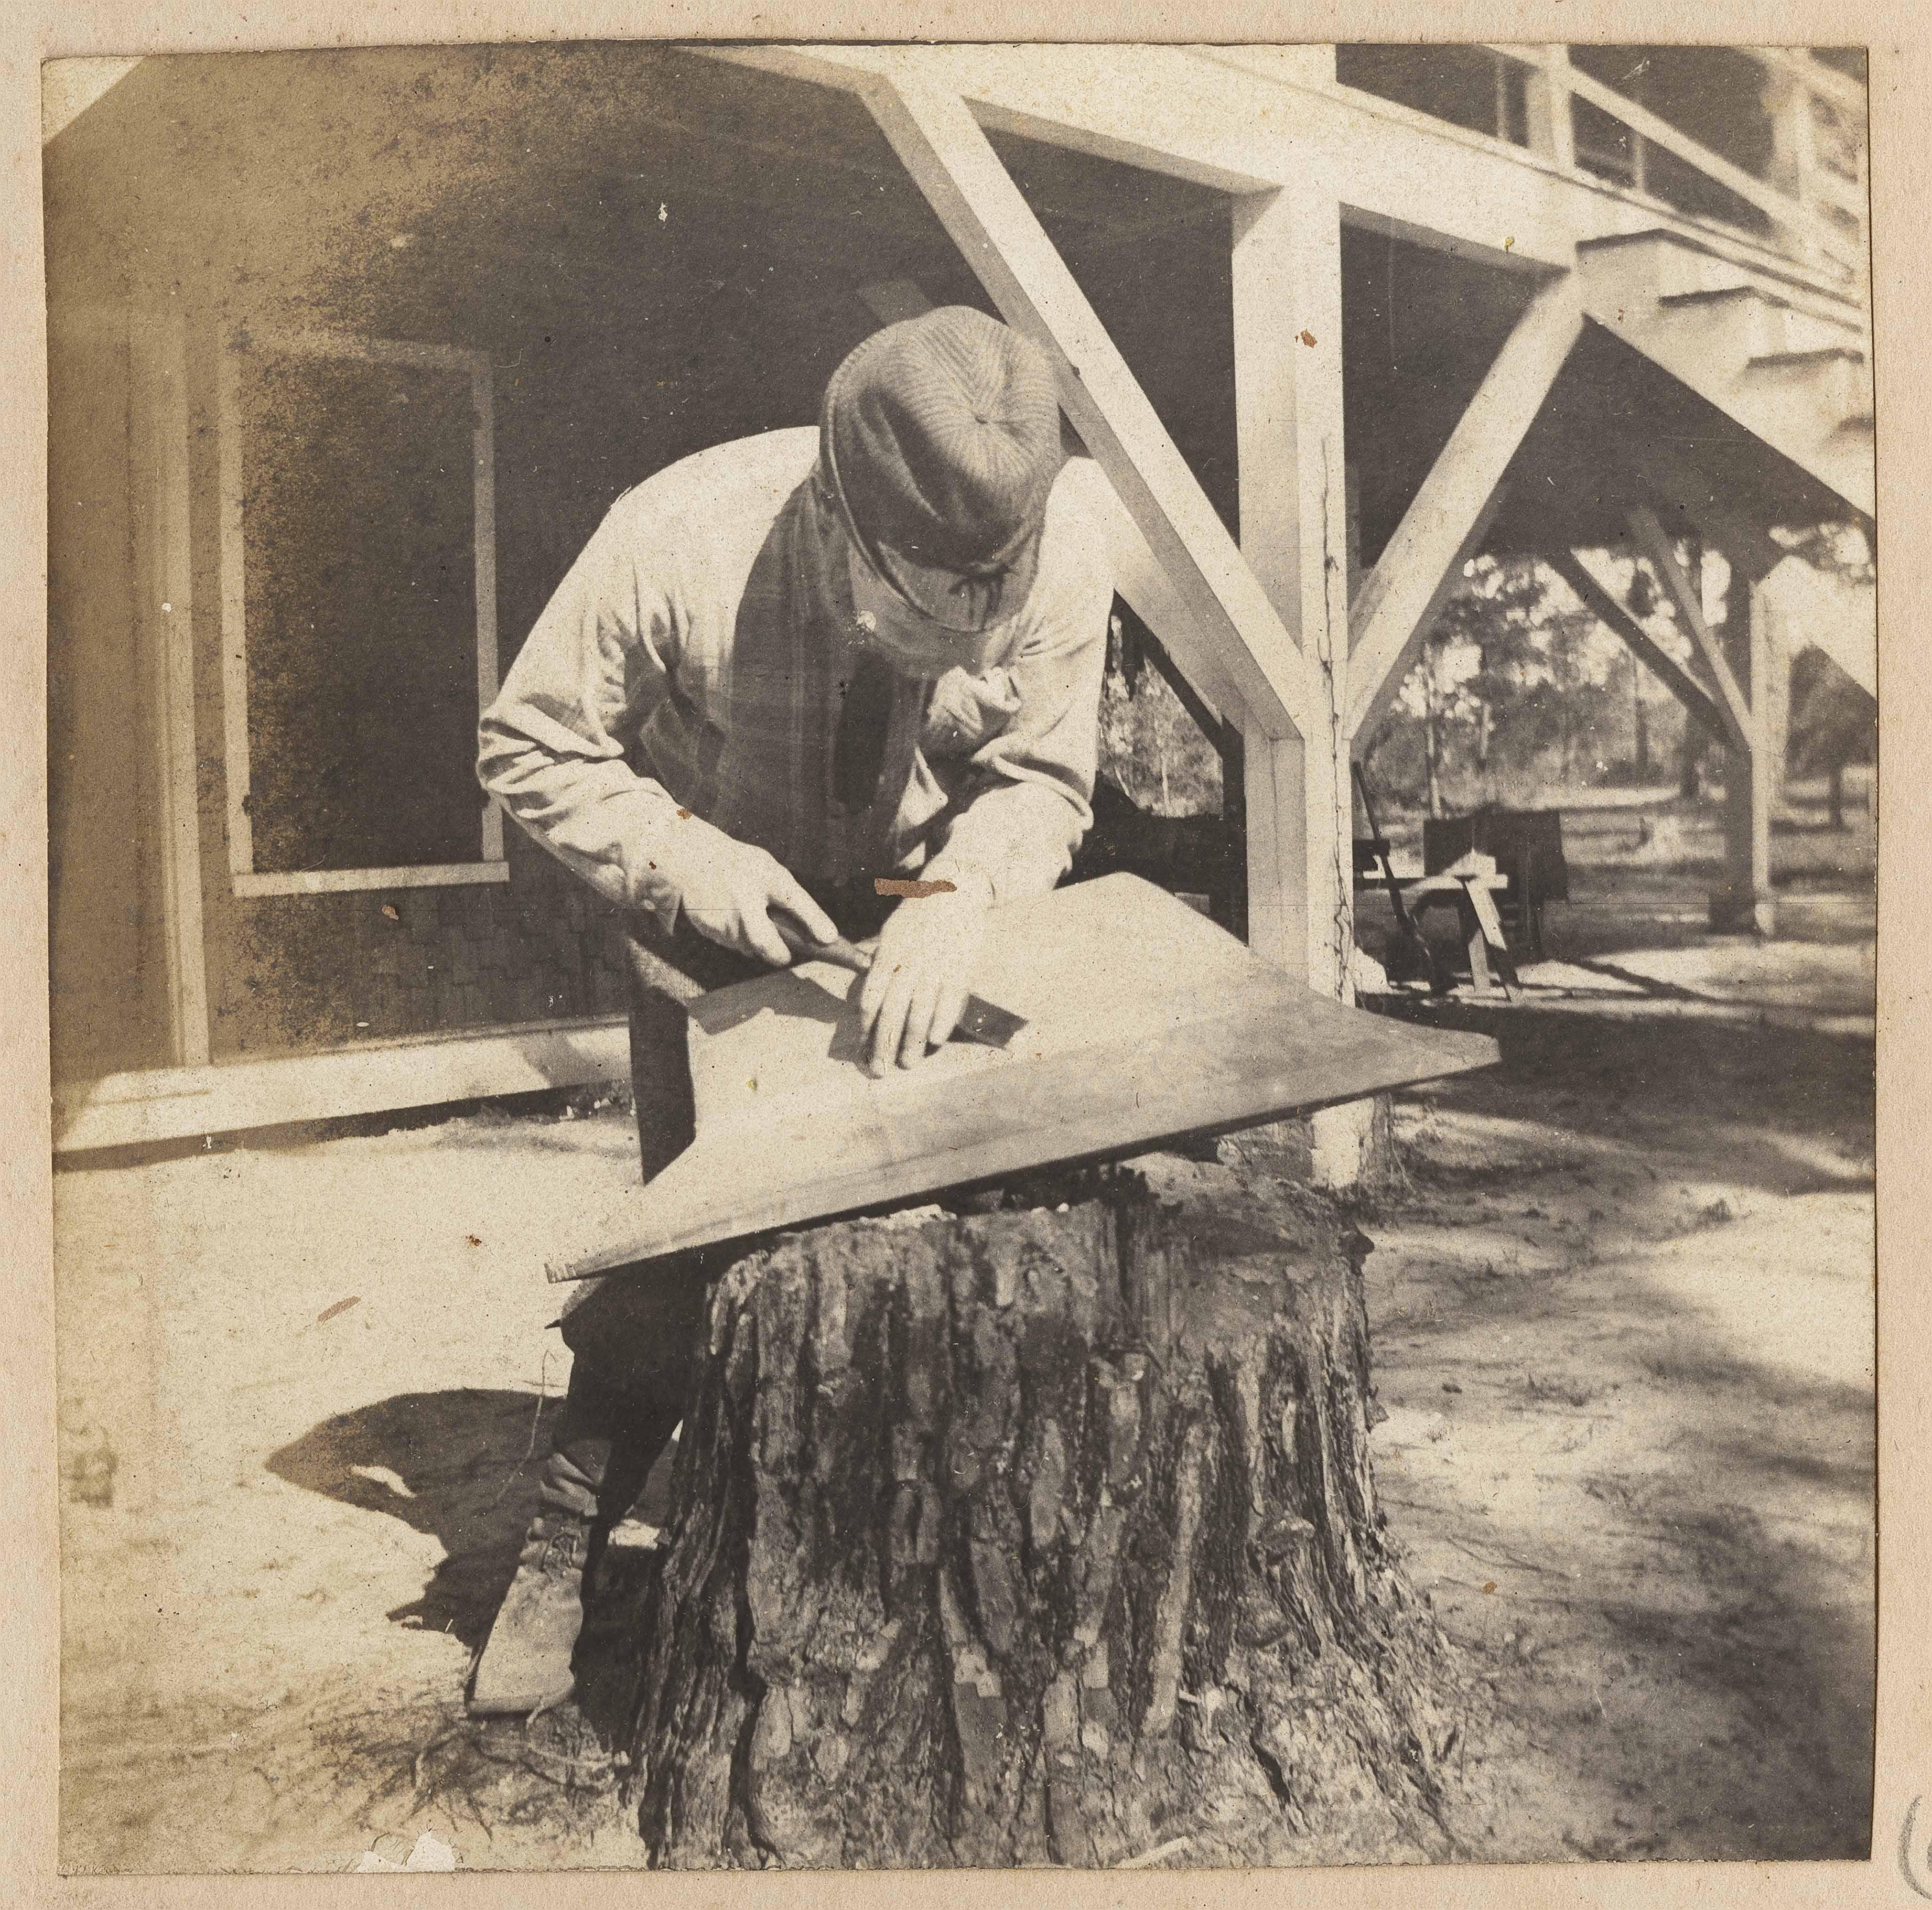 Man carving model boat keel